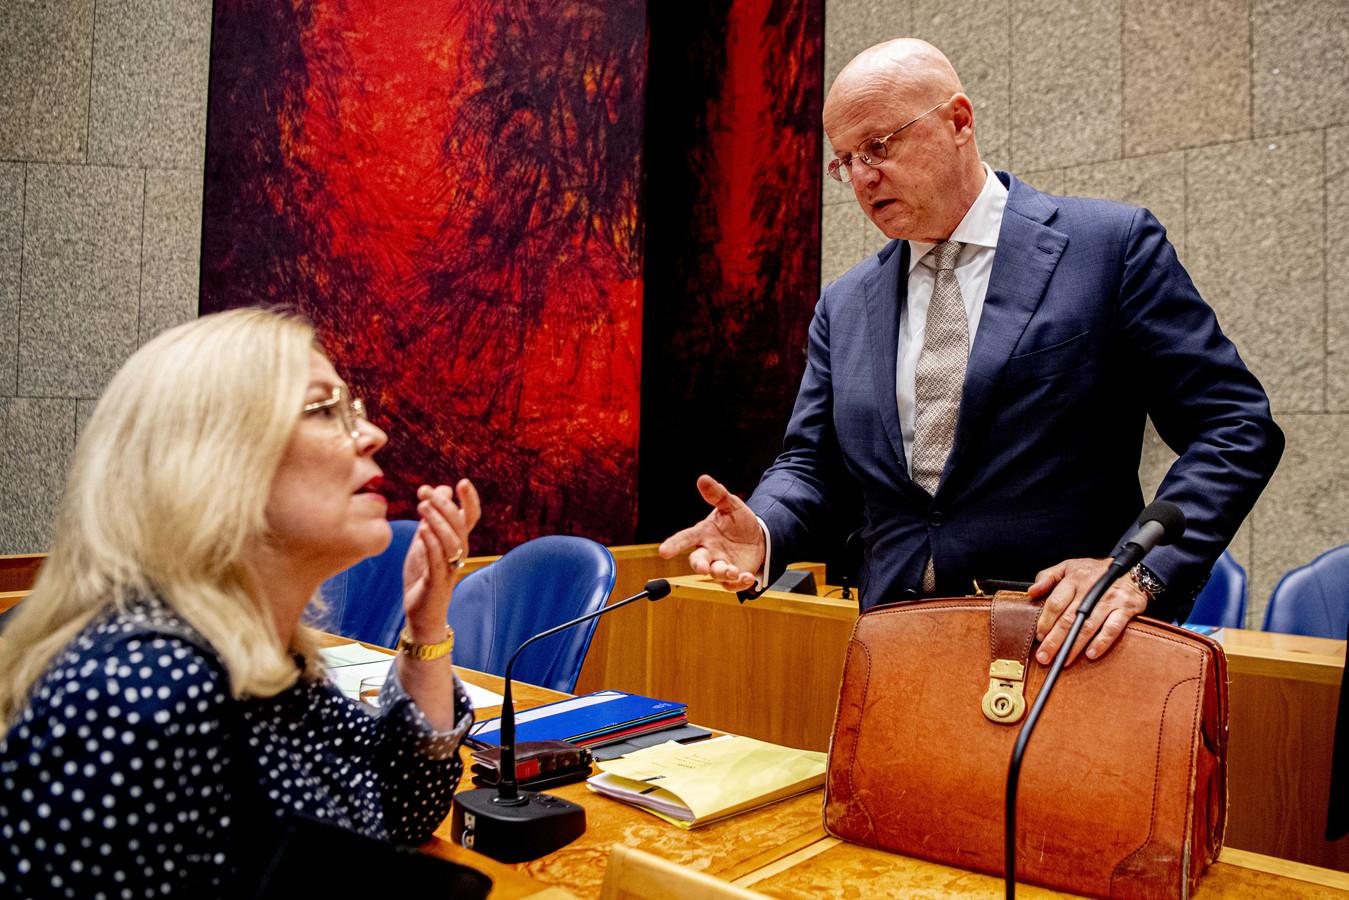 Minister Ferd Grapperhaus (Justitie) en Tweede Kamerlid Madeleine van Toorenburg (CDA) tijdens een debat in de Tweede Kamer.